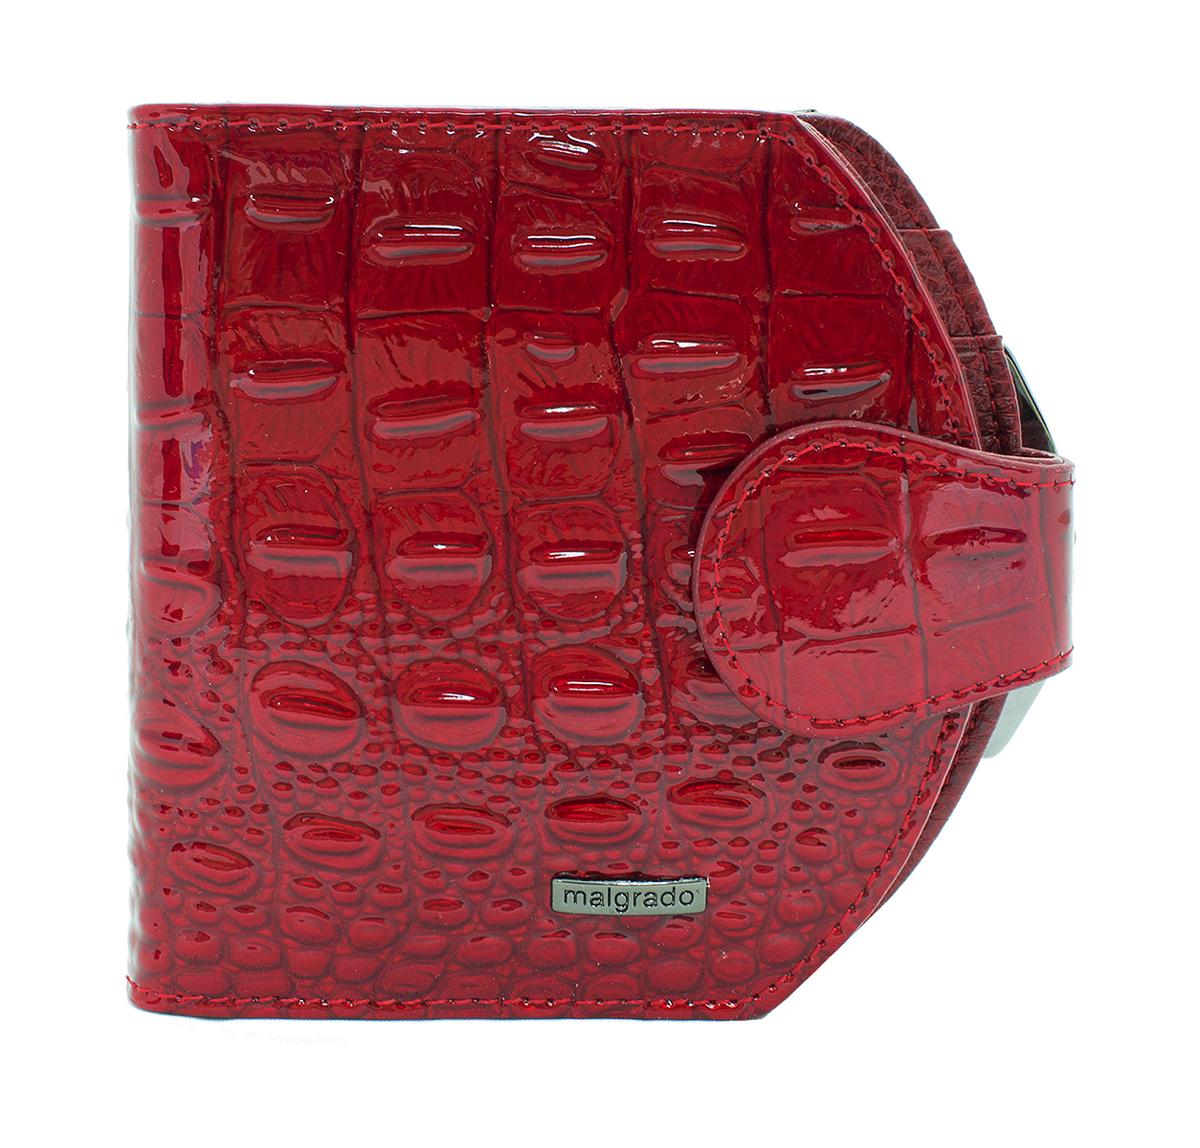 Кошелек женский Malgrado, цвет: красный. 41007-01701490300нЖенский средний кошелек Malgrado из натуральной лаковой кожи с тиснением под рептилию. В закрытом кошельке купюры размещаются в два сложения. Под хлястиком у кошелька 2 разворота, а также внешняя монетница под рамочным металлическим замком. В первом развороте с правой стороны 3 горизонтальных отделения под карточки и 1 вертикальное, а с левой стороны 2 отделения под карточки, одно из которых прозрачное. Во втором развороте 2 горизонтальных отделения под купюры. В монетнице одно отделение.